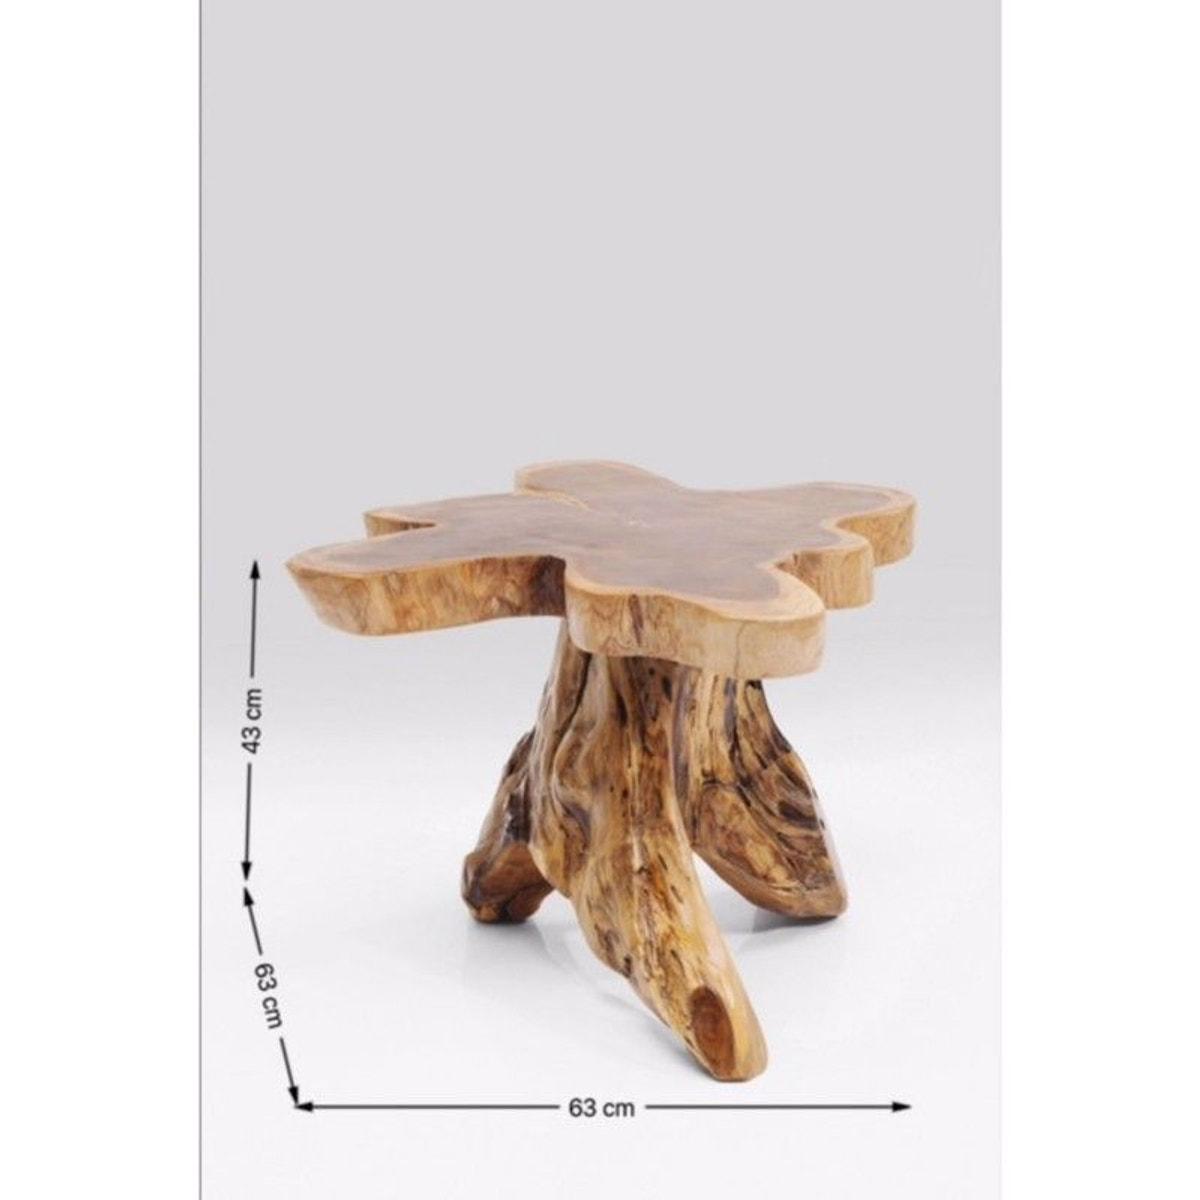 Table Basse Avec Souche D Arbre table d'appoint souche d'arbre 63cm kare design - taille : 4